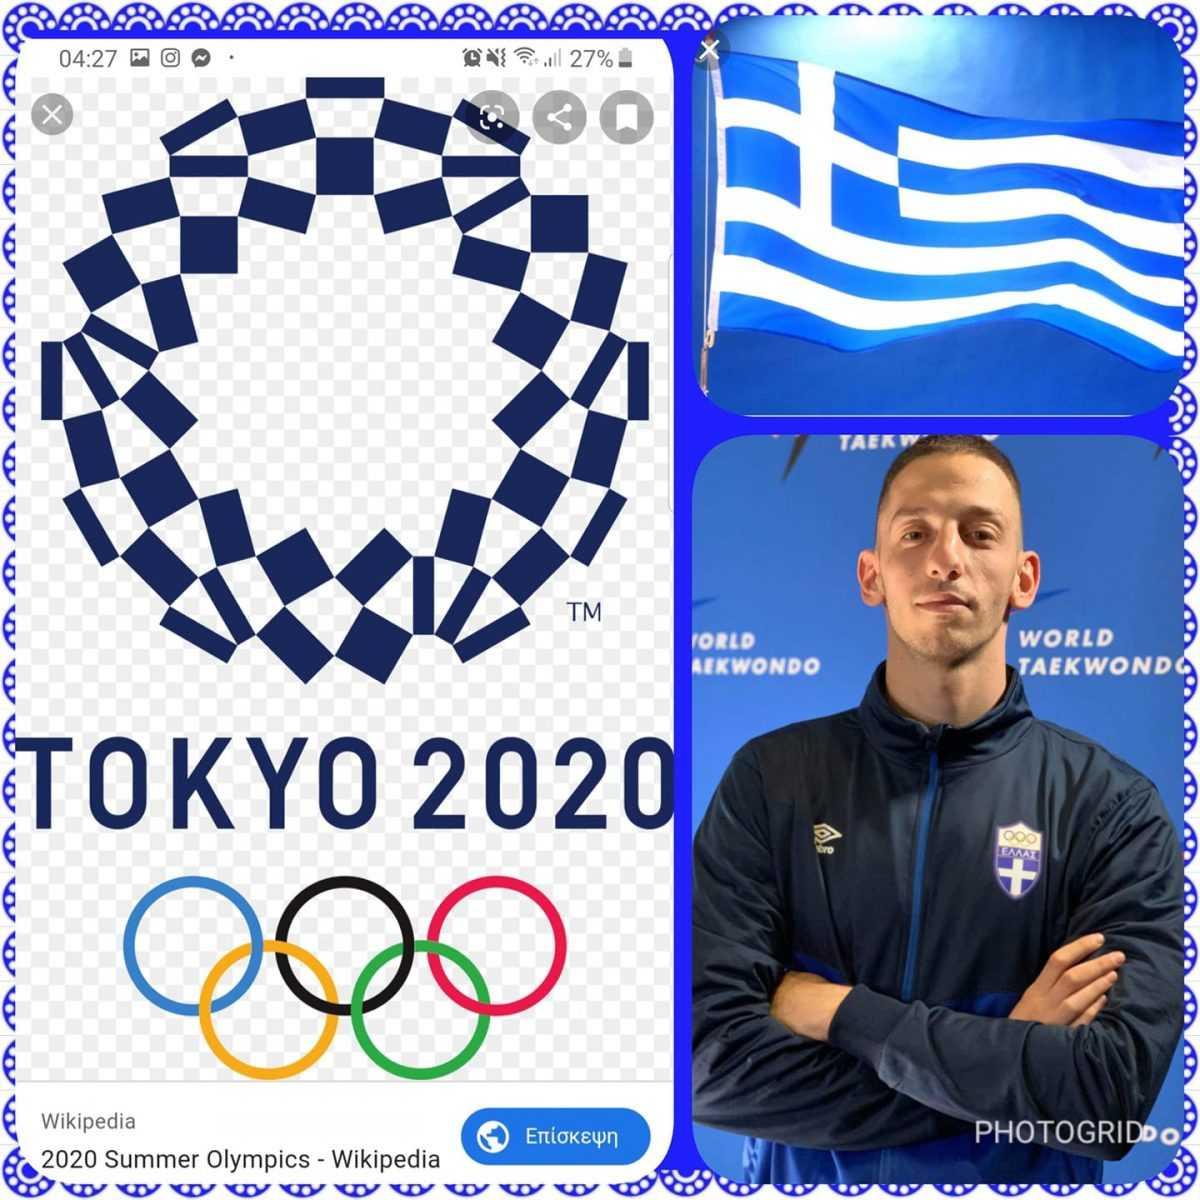 Στην Ολυμπιακή Ομάδα Taekwondo 2020 ο Απόστολος Τεληκωστόγλου